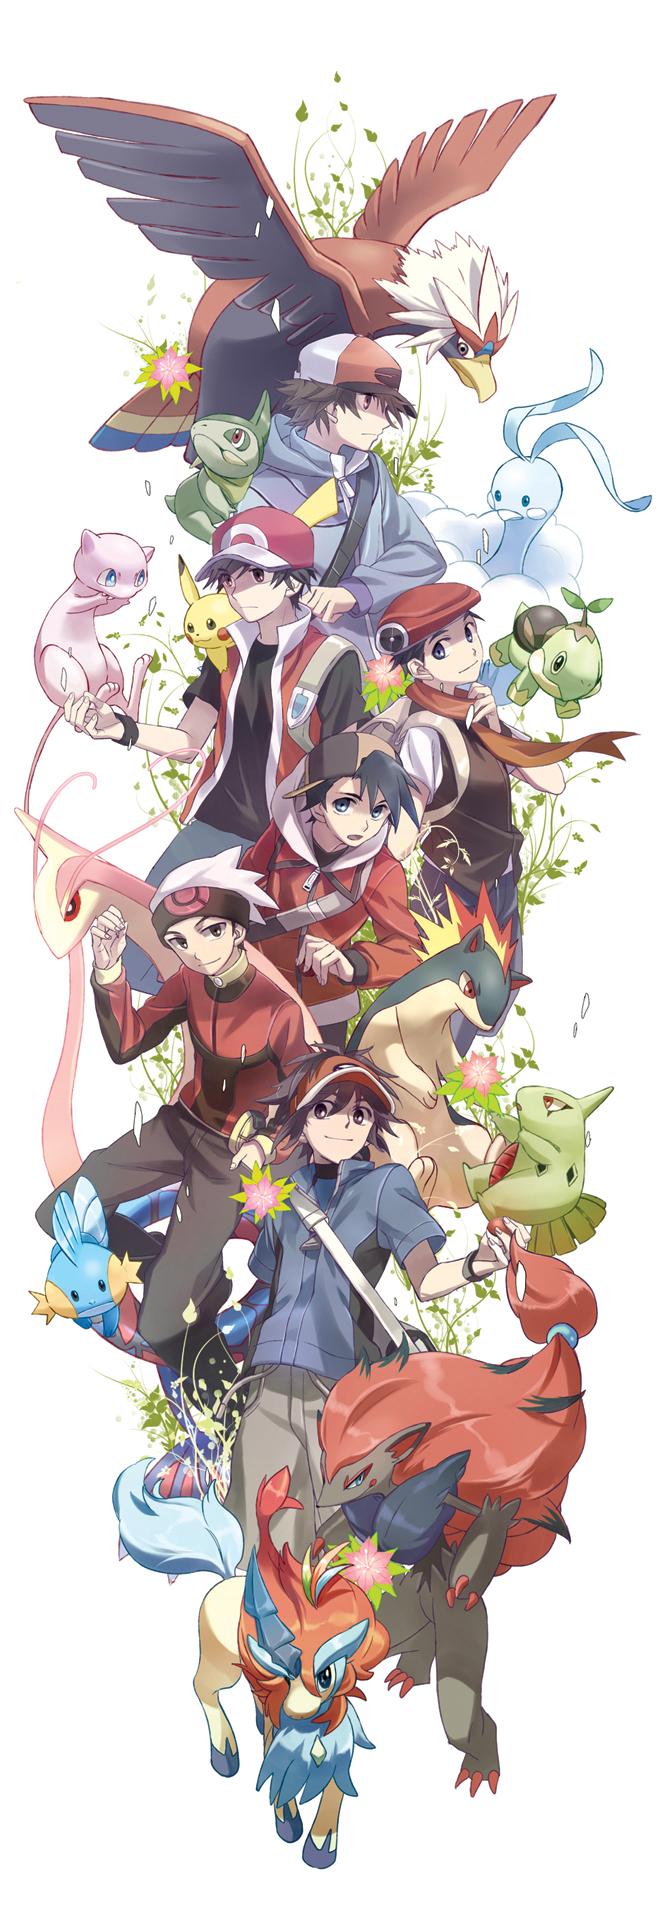 Tags: Anime, Msmoderato, Pokémon, Mudkip, Larvitar, Touya (Pokémon), Kouki (Pokémon), Mew, Altaria, Red (Pokémon), Kyouhei, Pikachu, Quilava